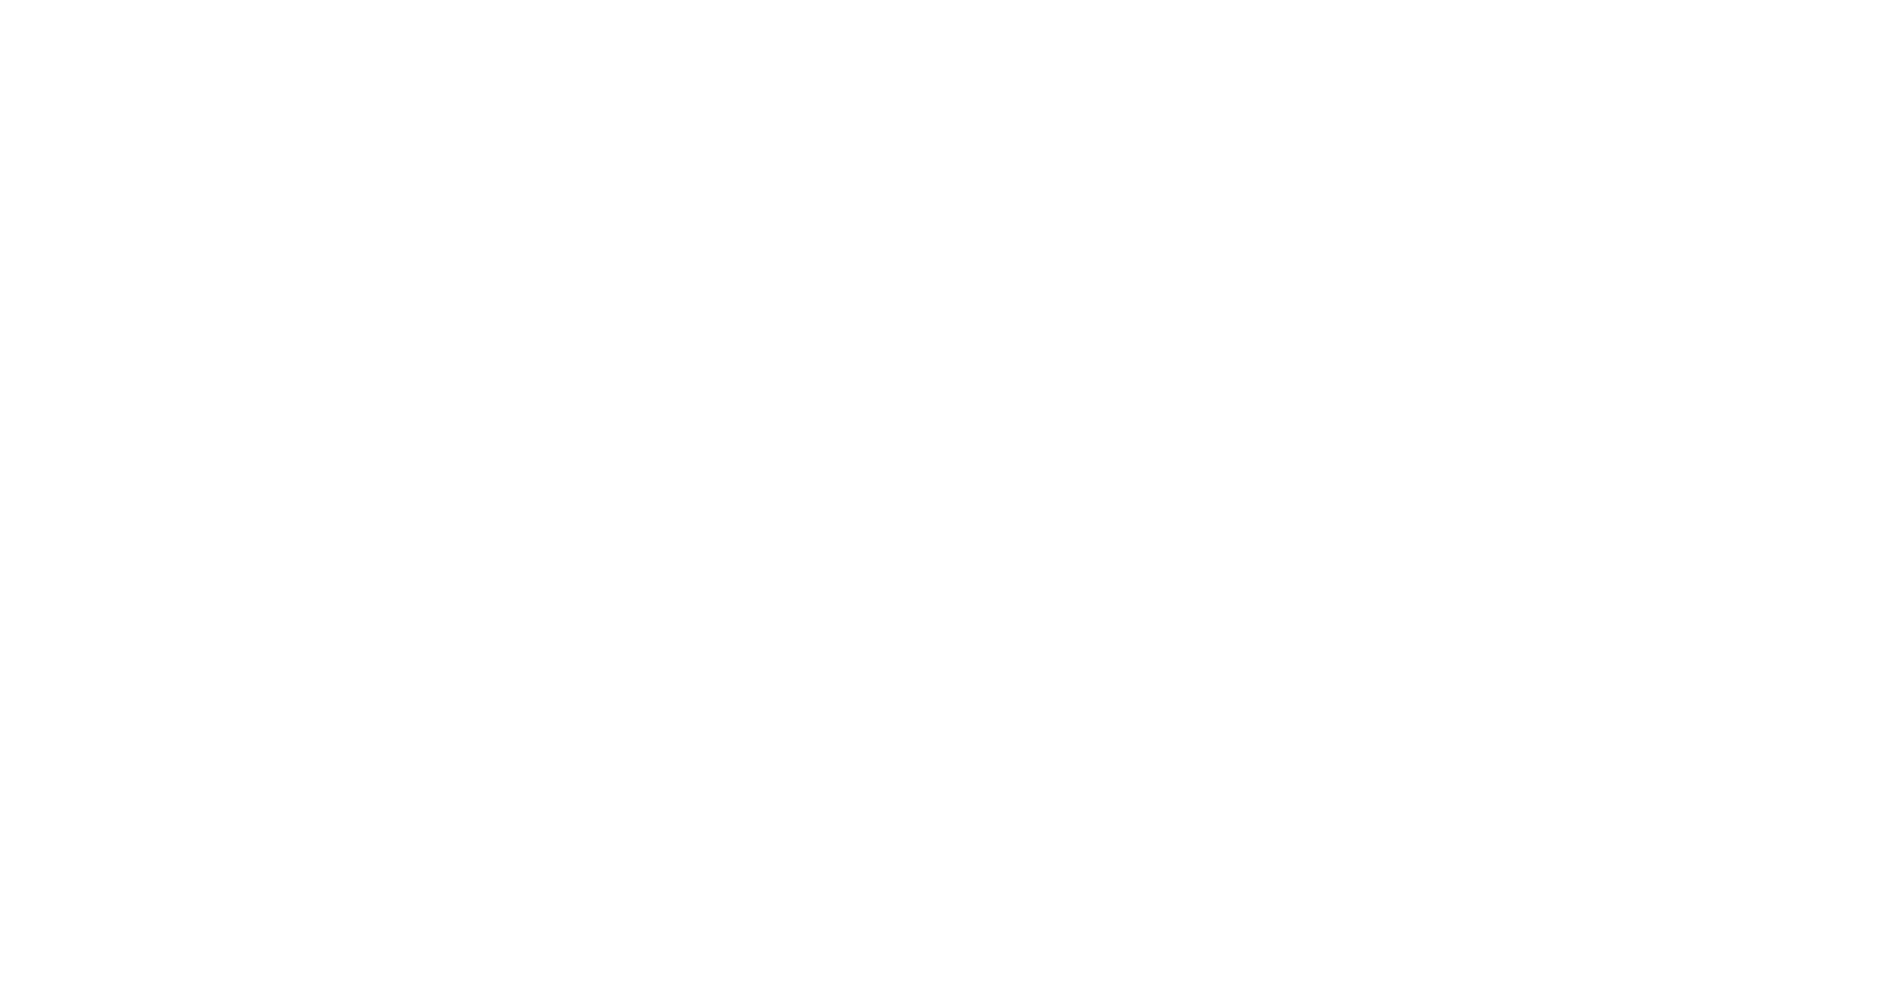 images description